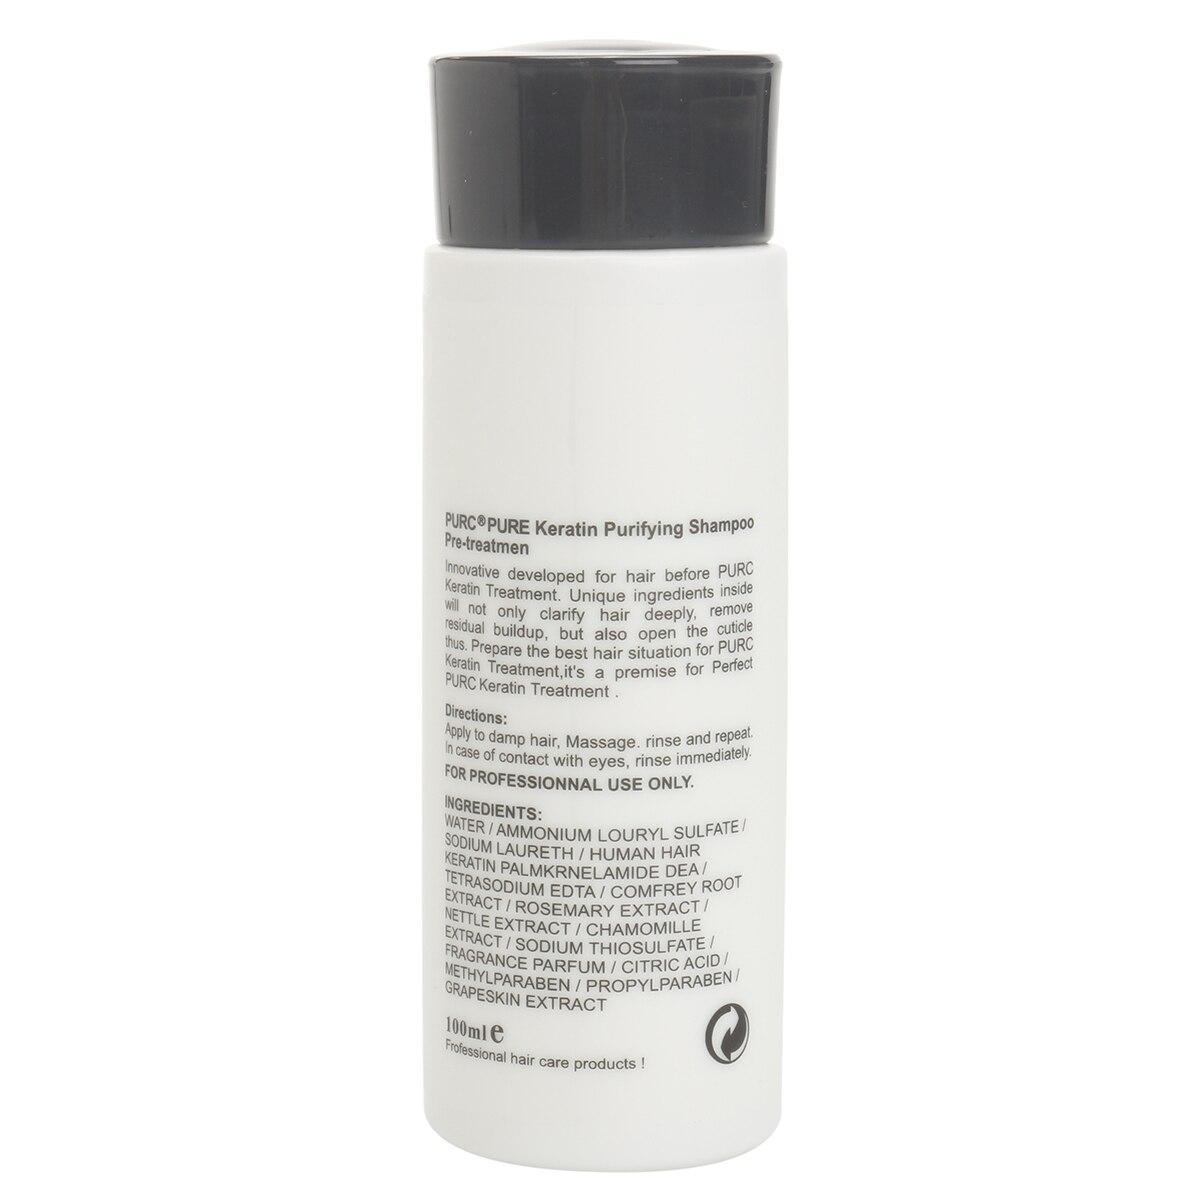 5% Formalin Brasil Perawatan Keratin Pelurus Rambut Dengan 100 ml  Memurnikan Shampoo Perbaikan Kerusakan Produk Perawatan Rambut Set di Rambut    Perawatan ... aa4dd9ca48